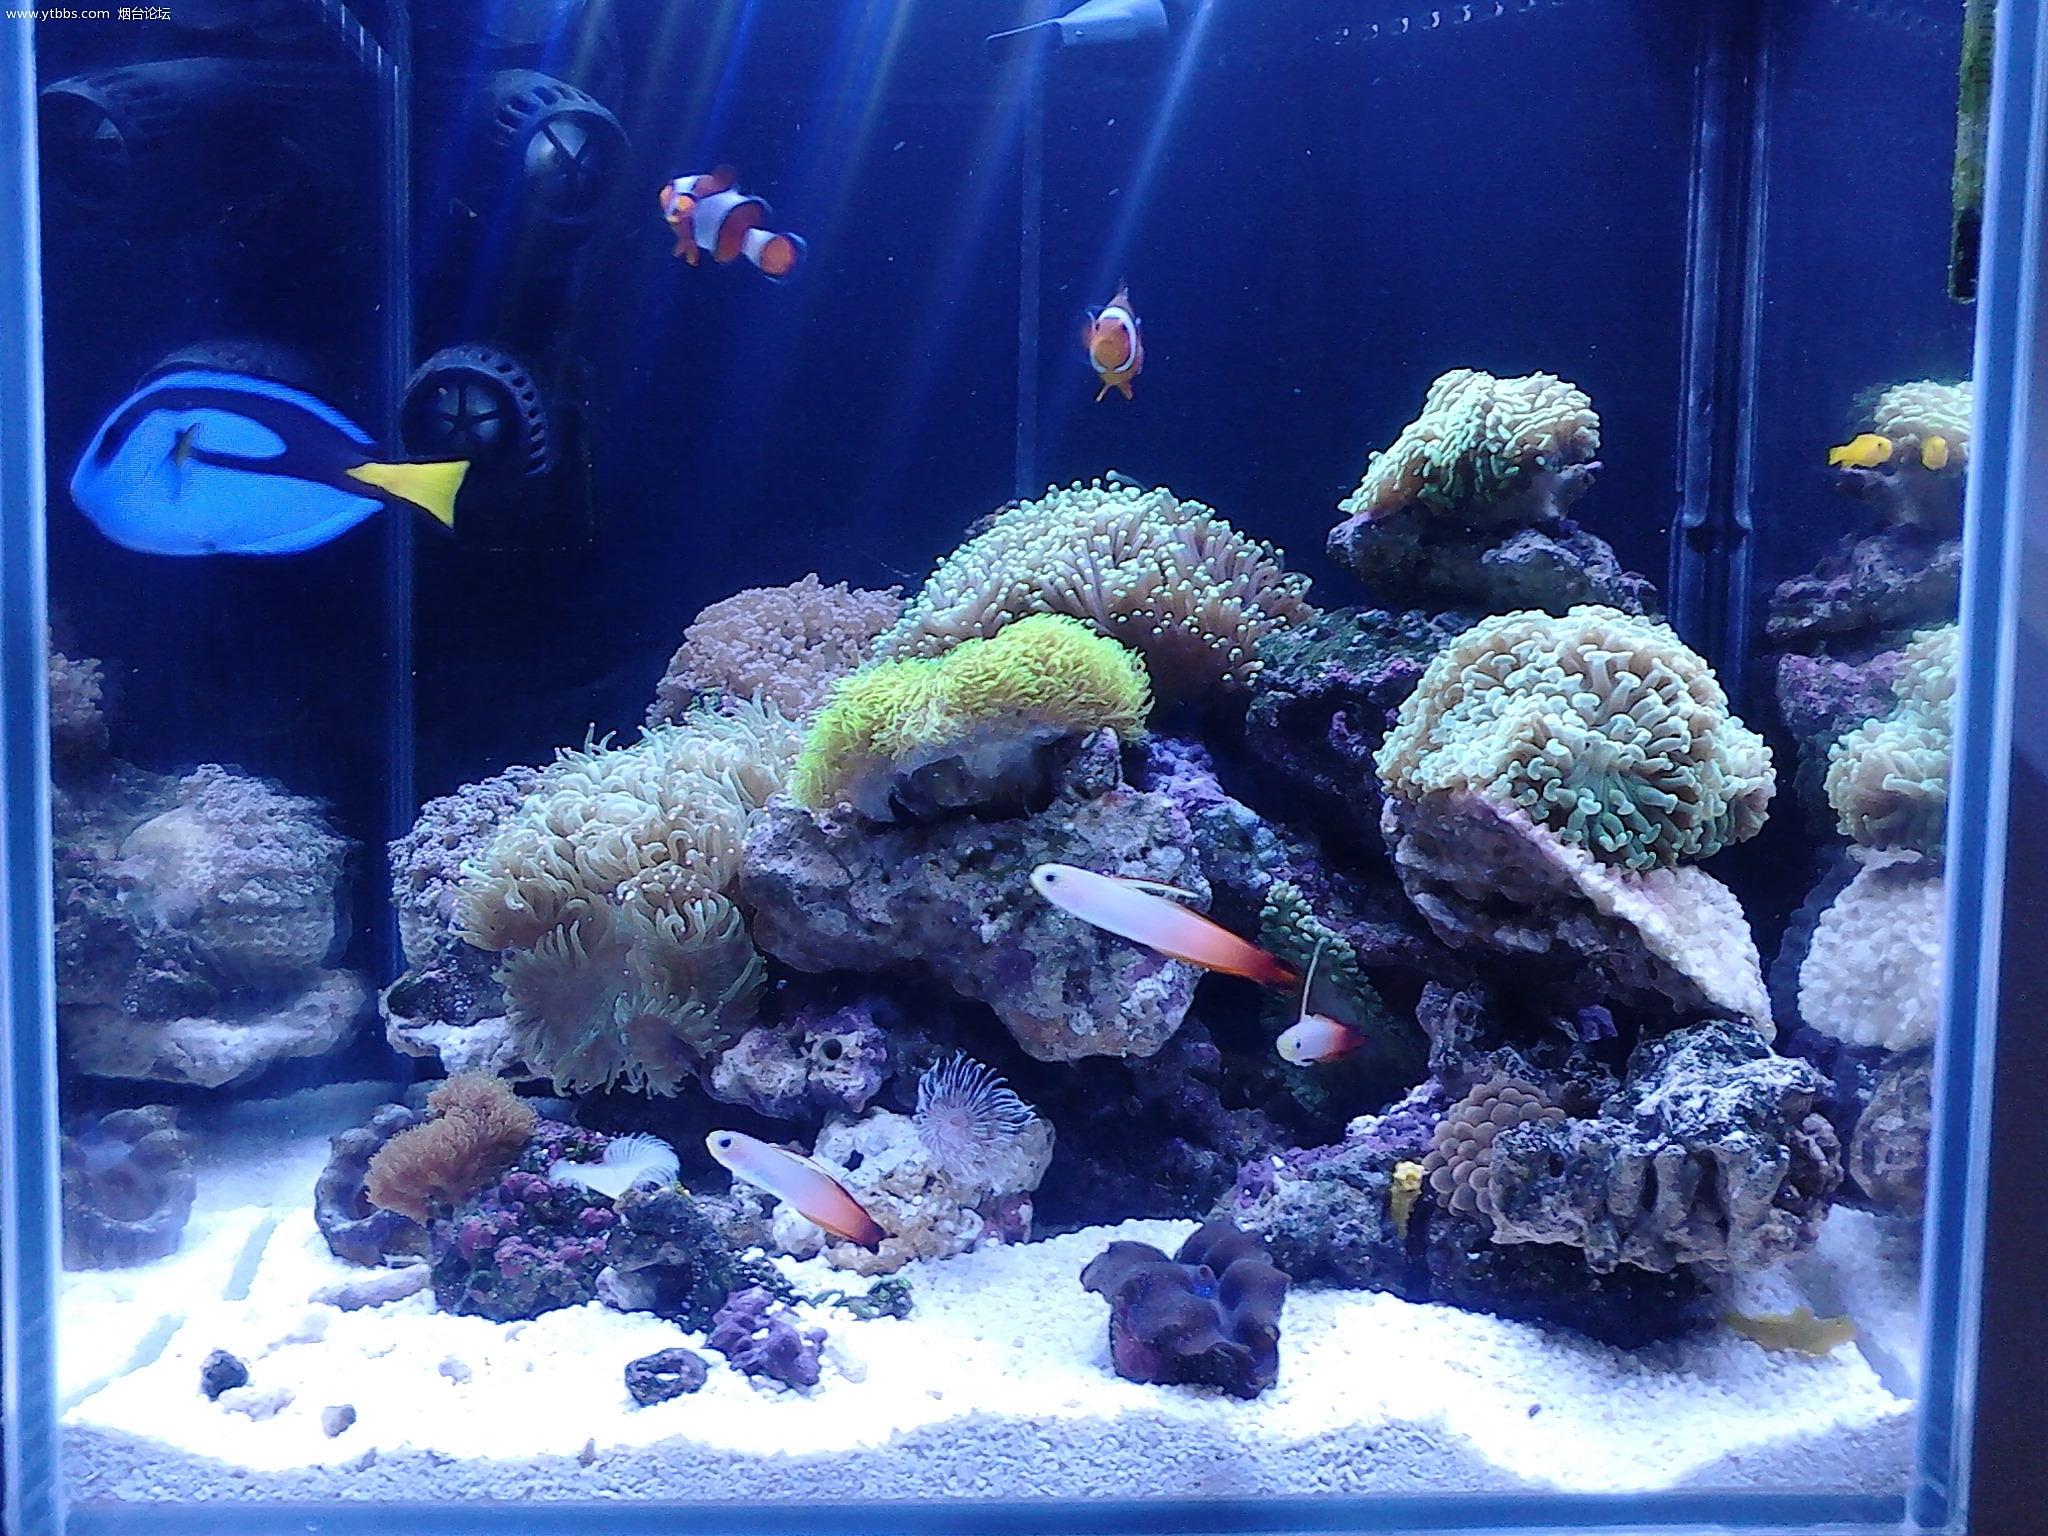 Freshwater fish store near me - 114645oab8n22noe98la5z 114645oab8n22noe98la5z